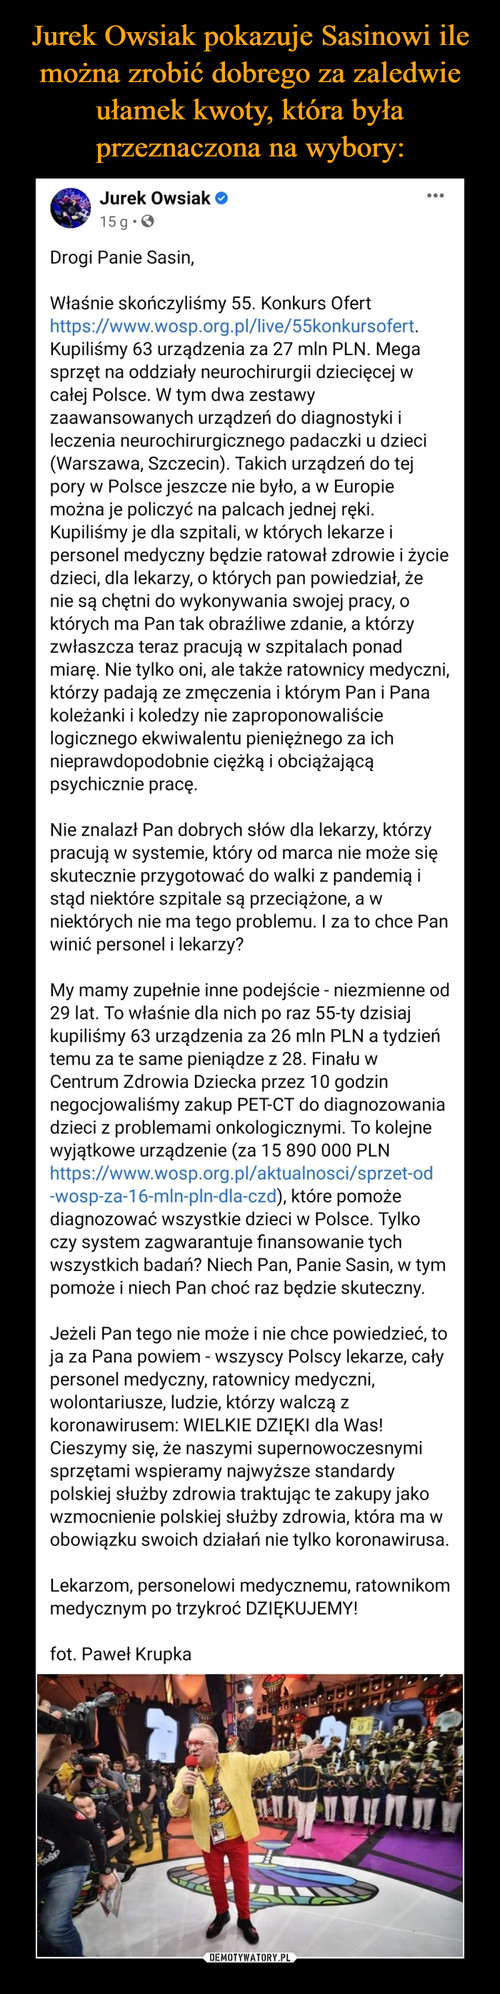 Jurek Owsiak pokazuje Sasinowi ile można zrobić dobrego za zaledwie ułamek kwoty, która była przeznaczona na wybory: